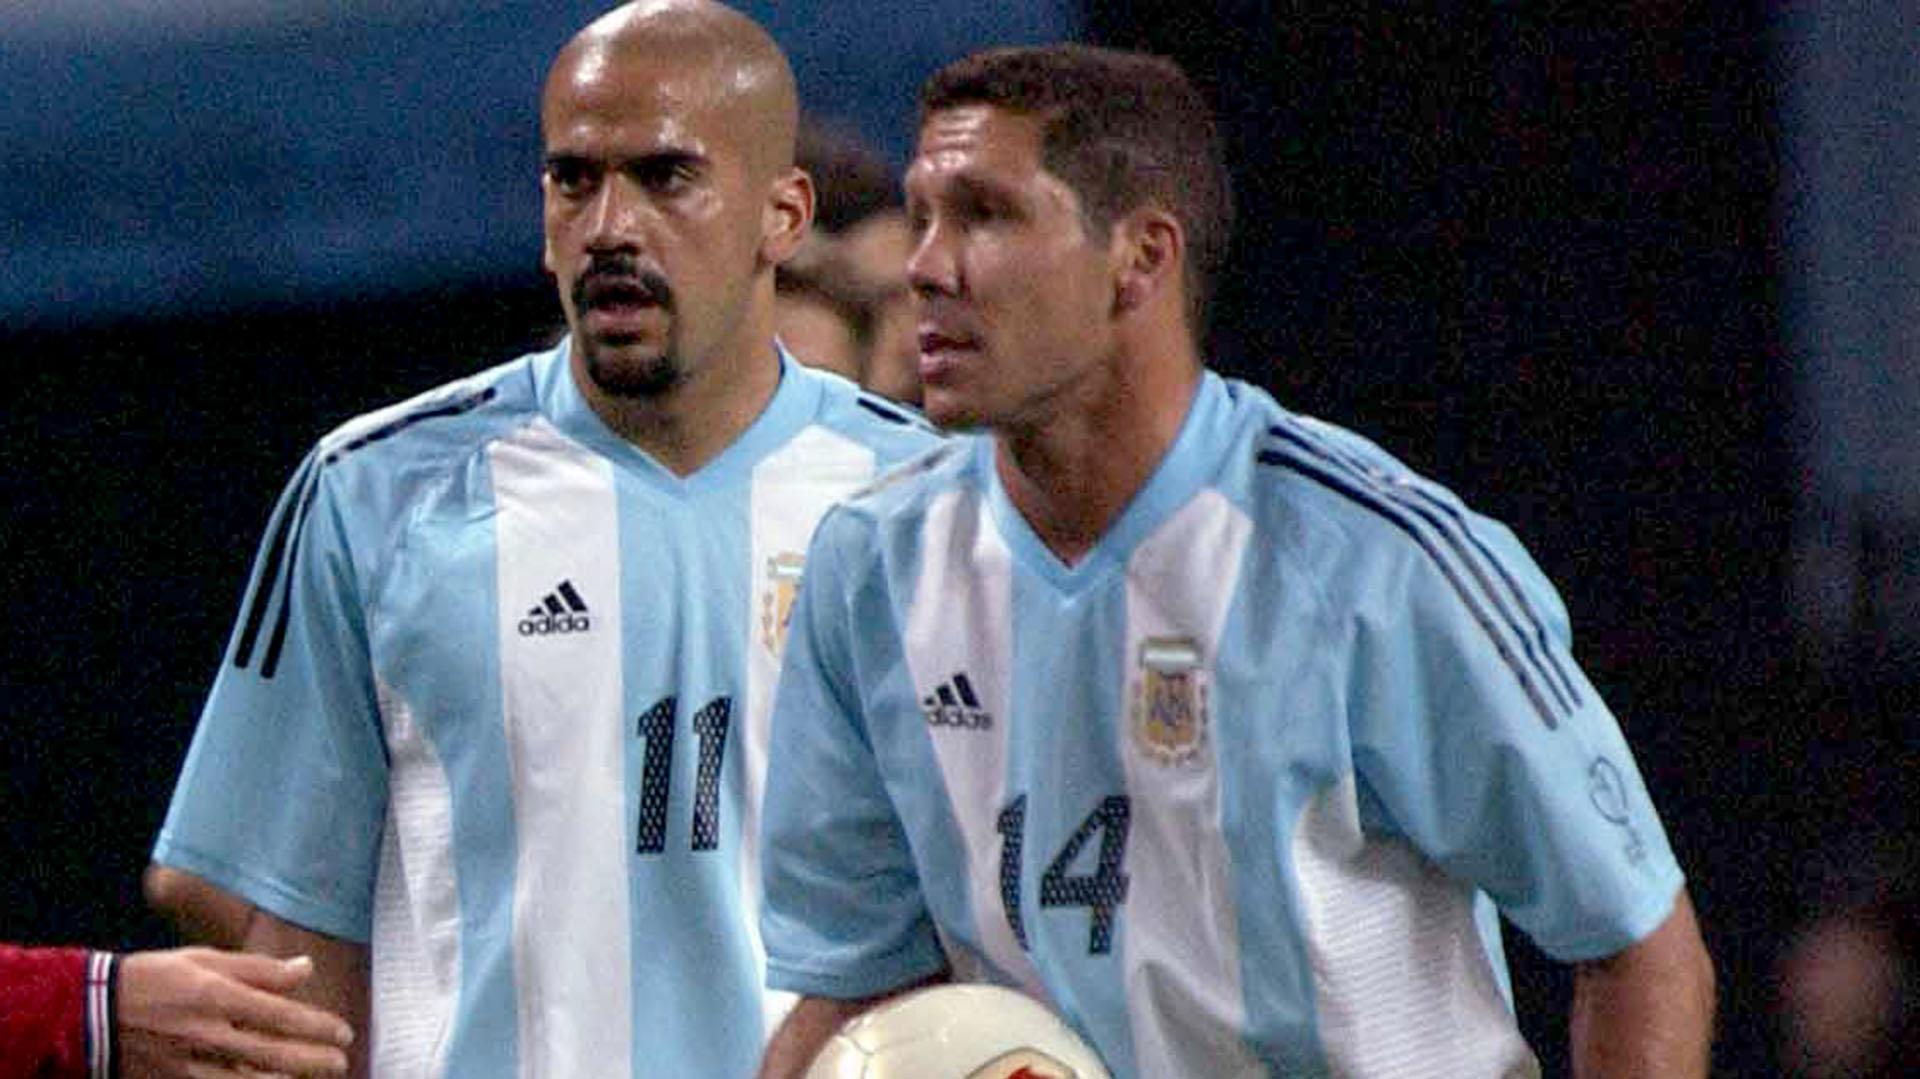 """Al Mundial 2002 llegó con lo justo. Die Bielsa dice que era """"el que mejor preparaba los partidos"""""""